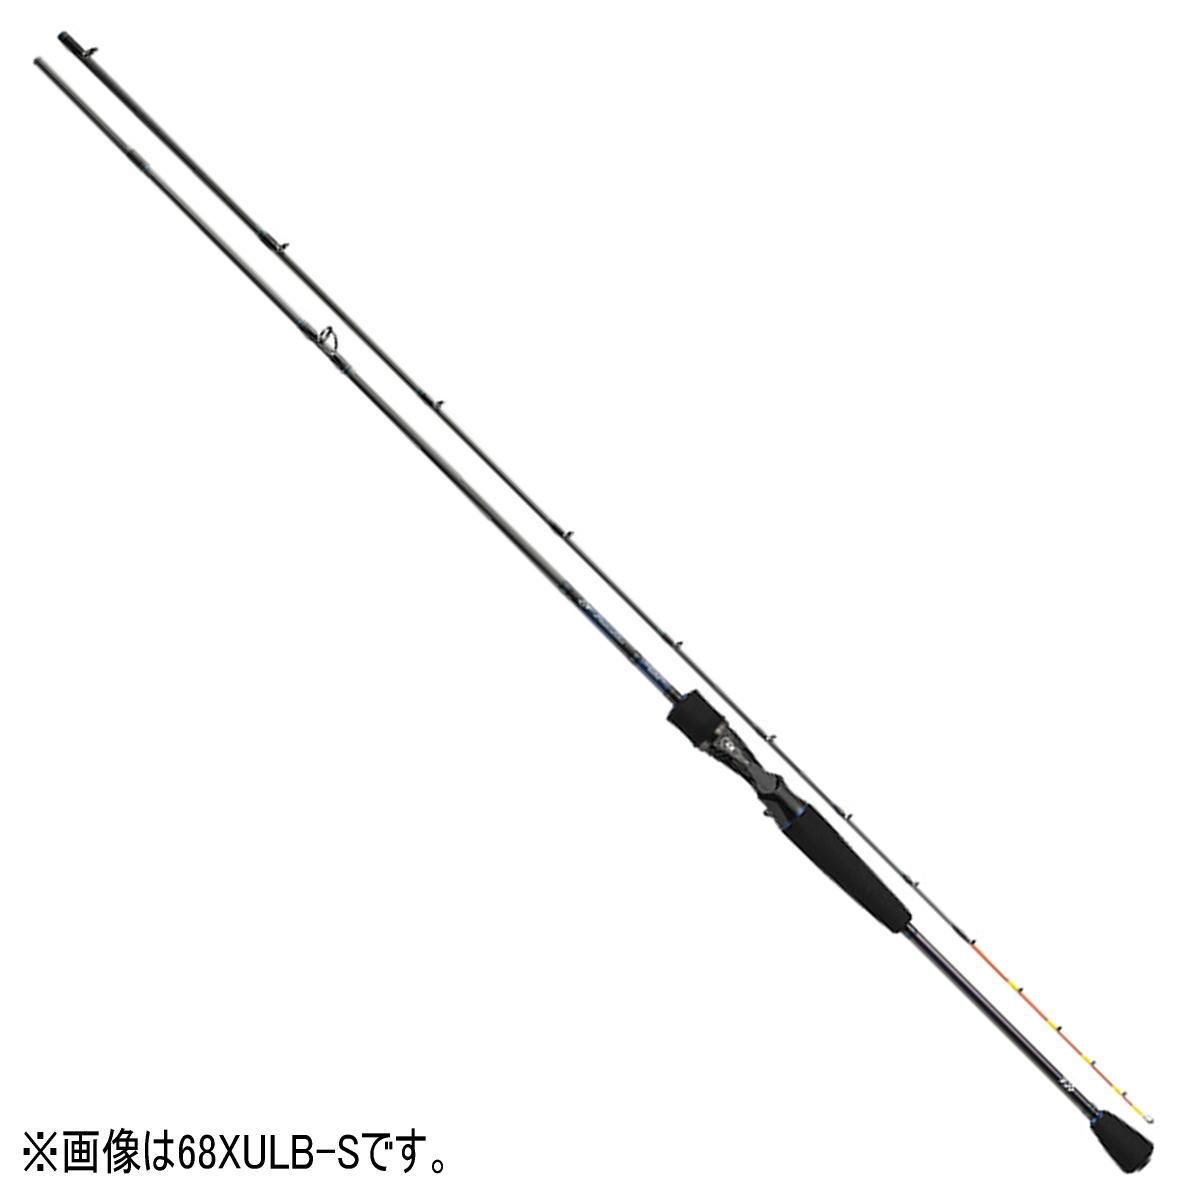 【送料無料5】ダイワ ロッド エメラルダス イカメタル 60XULB-S